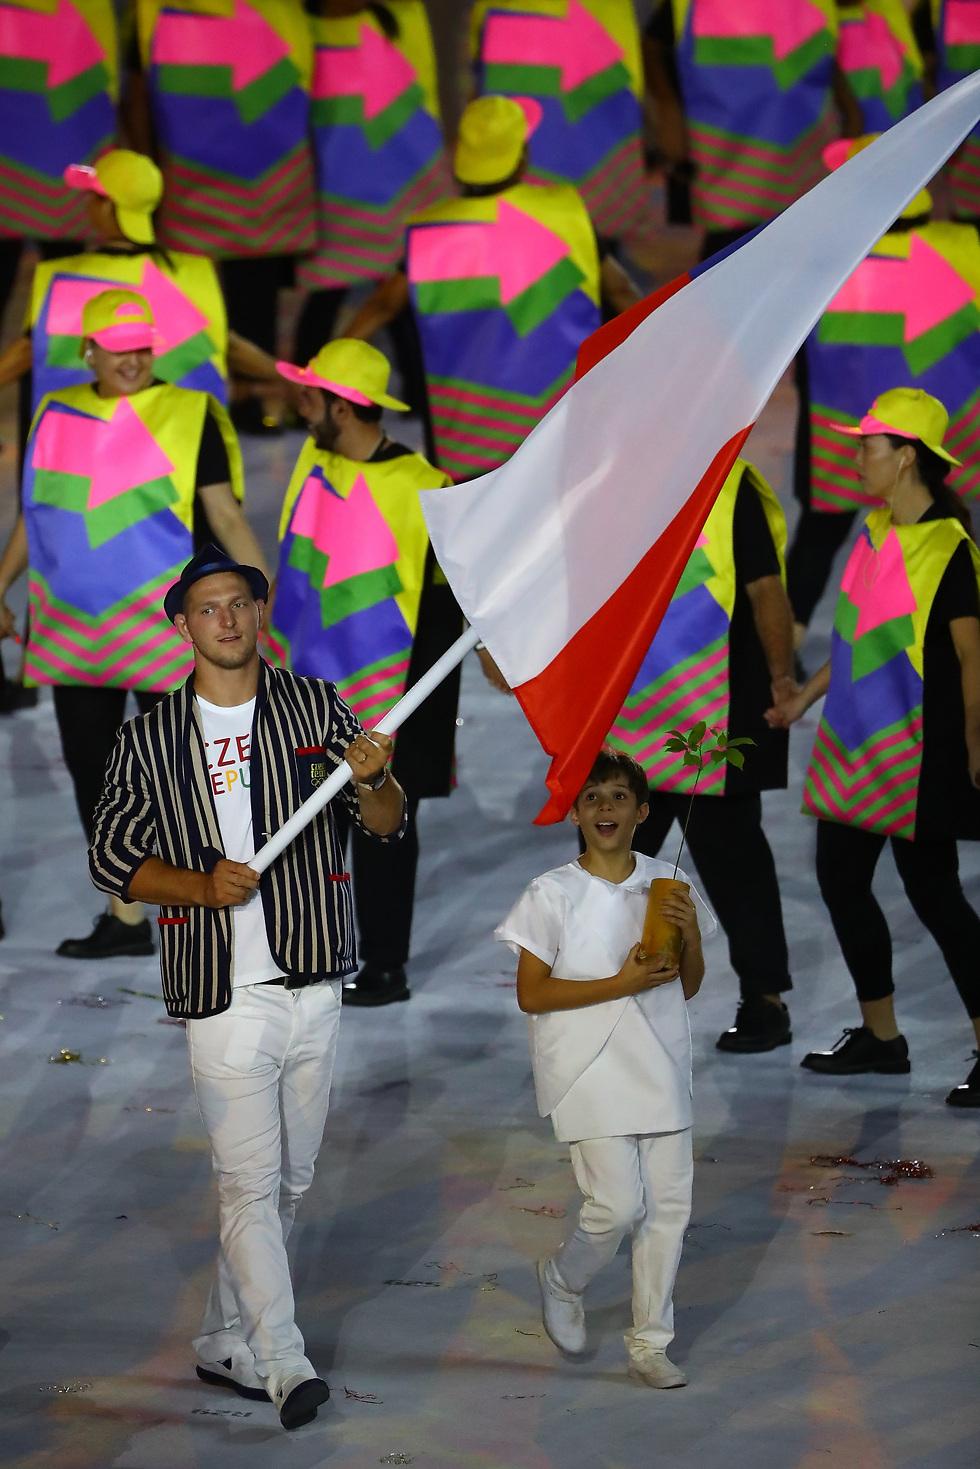 מדליסט הזהב הצ'כי היחיד מריו. קרפאלק עם הדגל בטקס הפתיחה (צילום: getty images) (צילום: getty images)